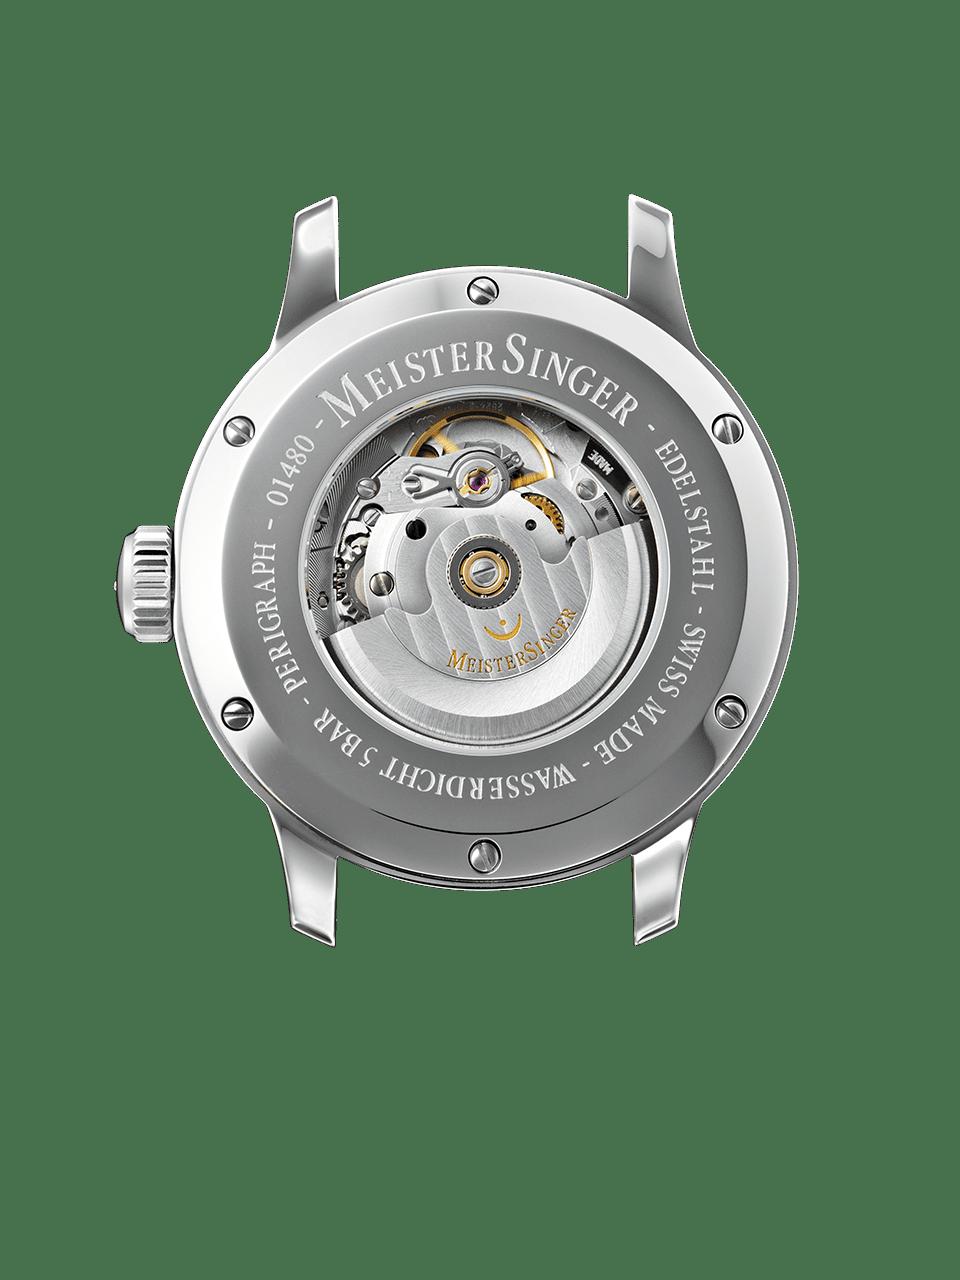 MeisterSinger MeisterSinger Perigraph AM1003.SG02W